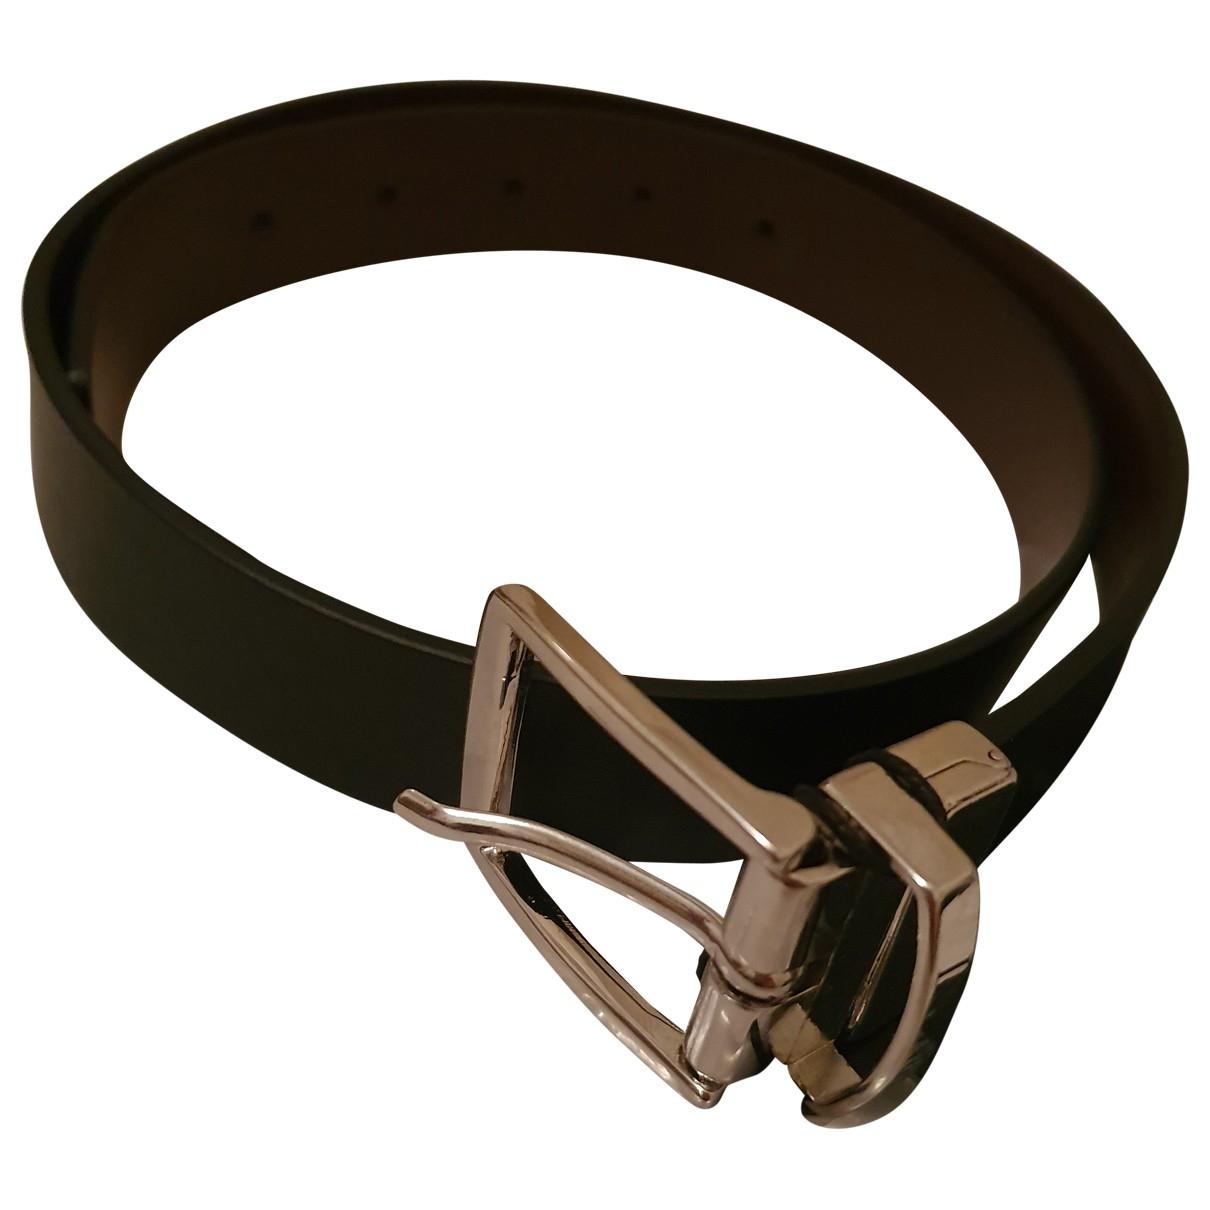 Emporio Armani \N Black Leather belt.Suspenders for Kids \N